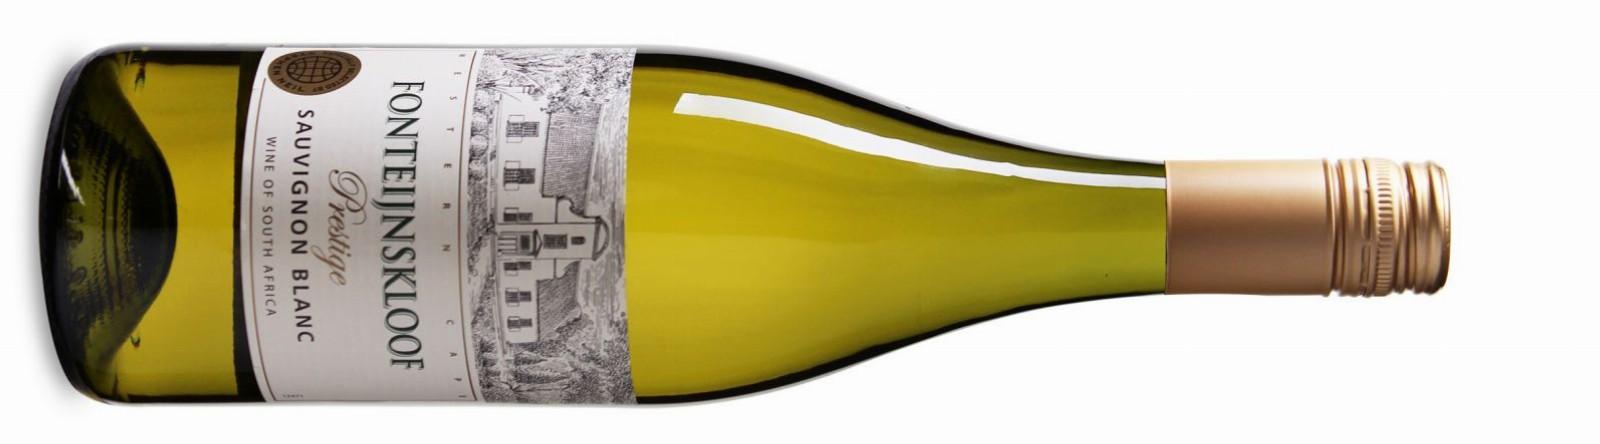 Fonteijnskloof Sauvignon Blanc Prestige